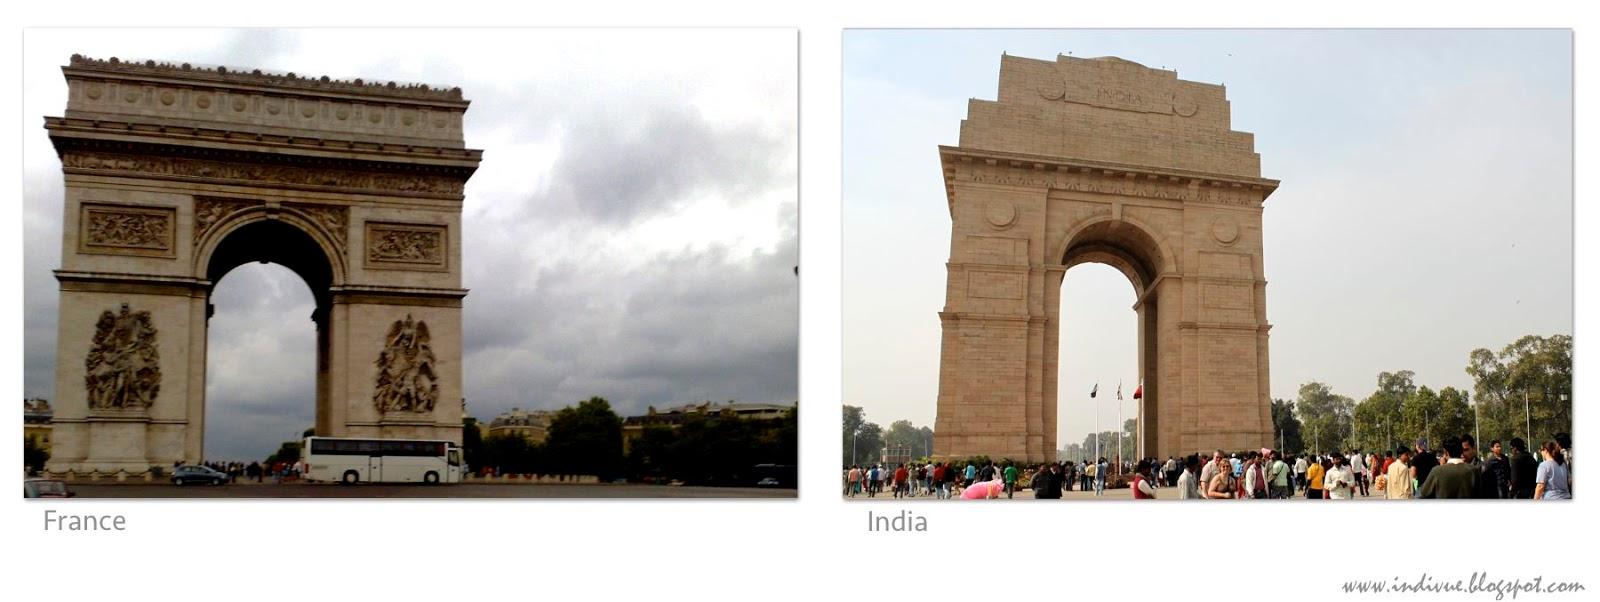 Monumentit Ranskassa ja Intiassa: Riemukaari ja Indiagate